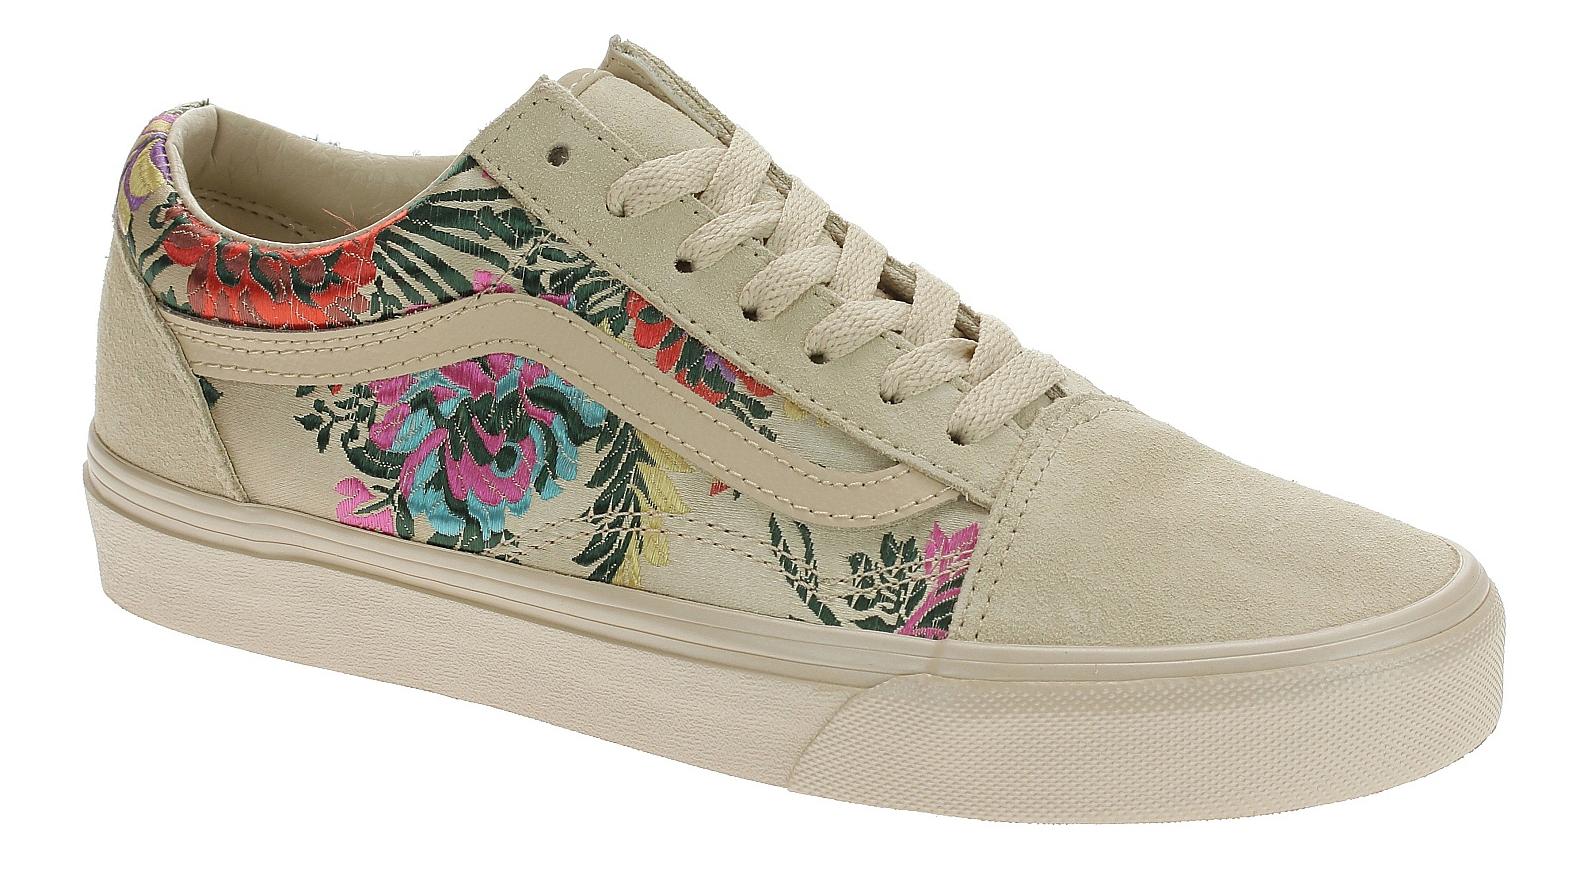 776641564e Vans Unisex Old Skool Sneakers